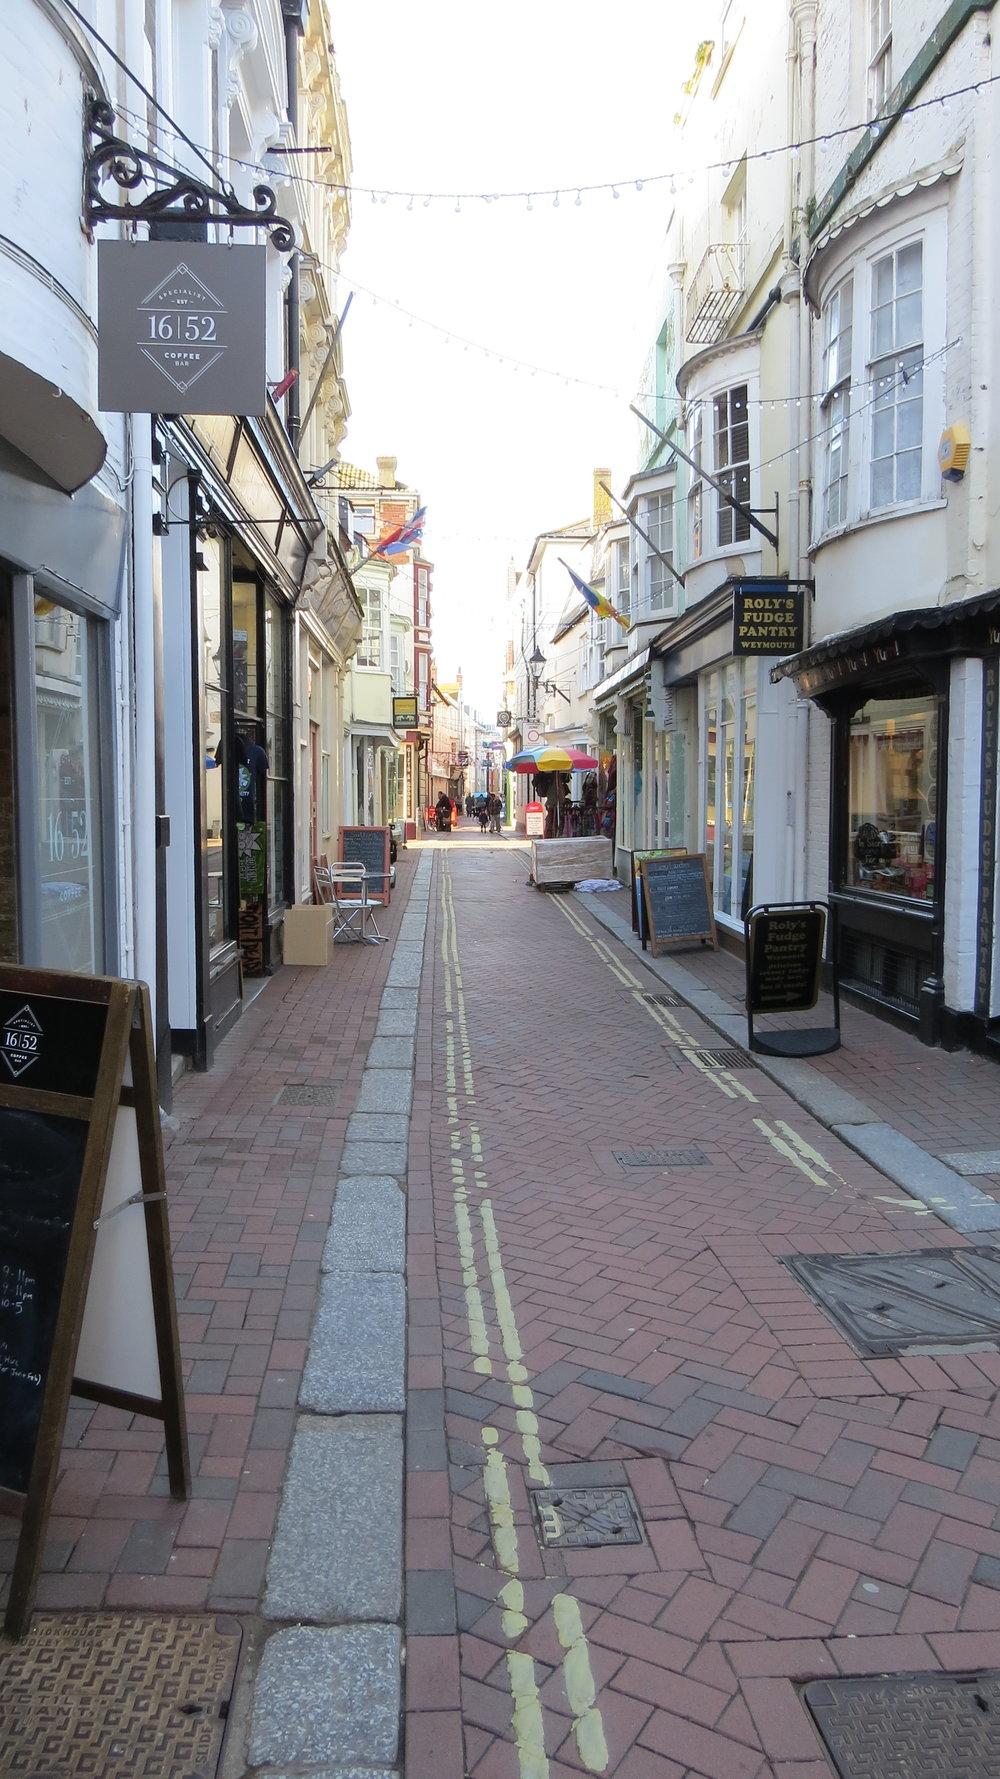 Weymouth Lanes